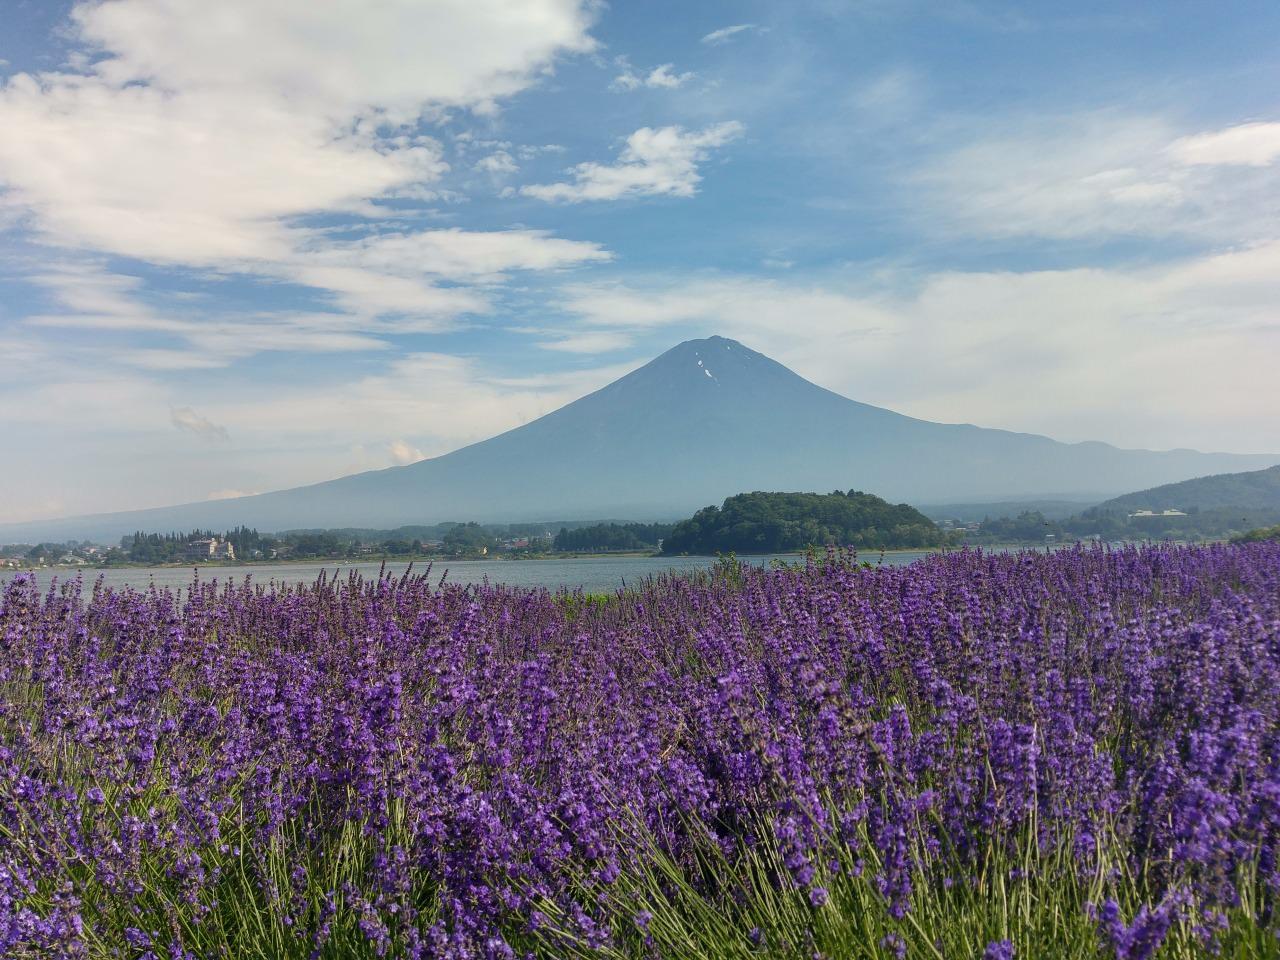 7月是河口湖大石公園薰衣草盛開的月份。沿湖畔可遙望富士山, 隨處也可拍出如畫般美的風景!